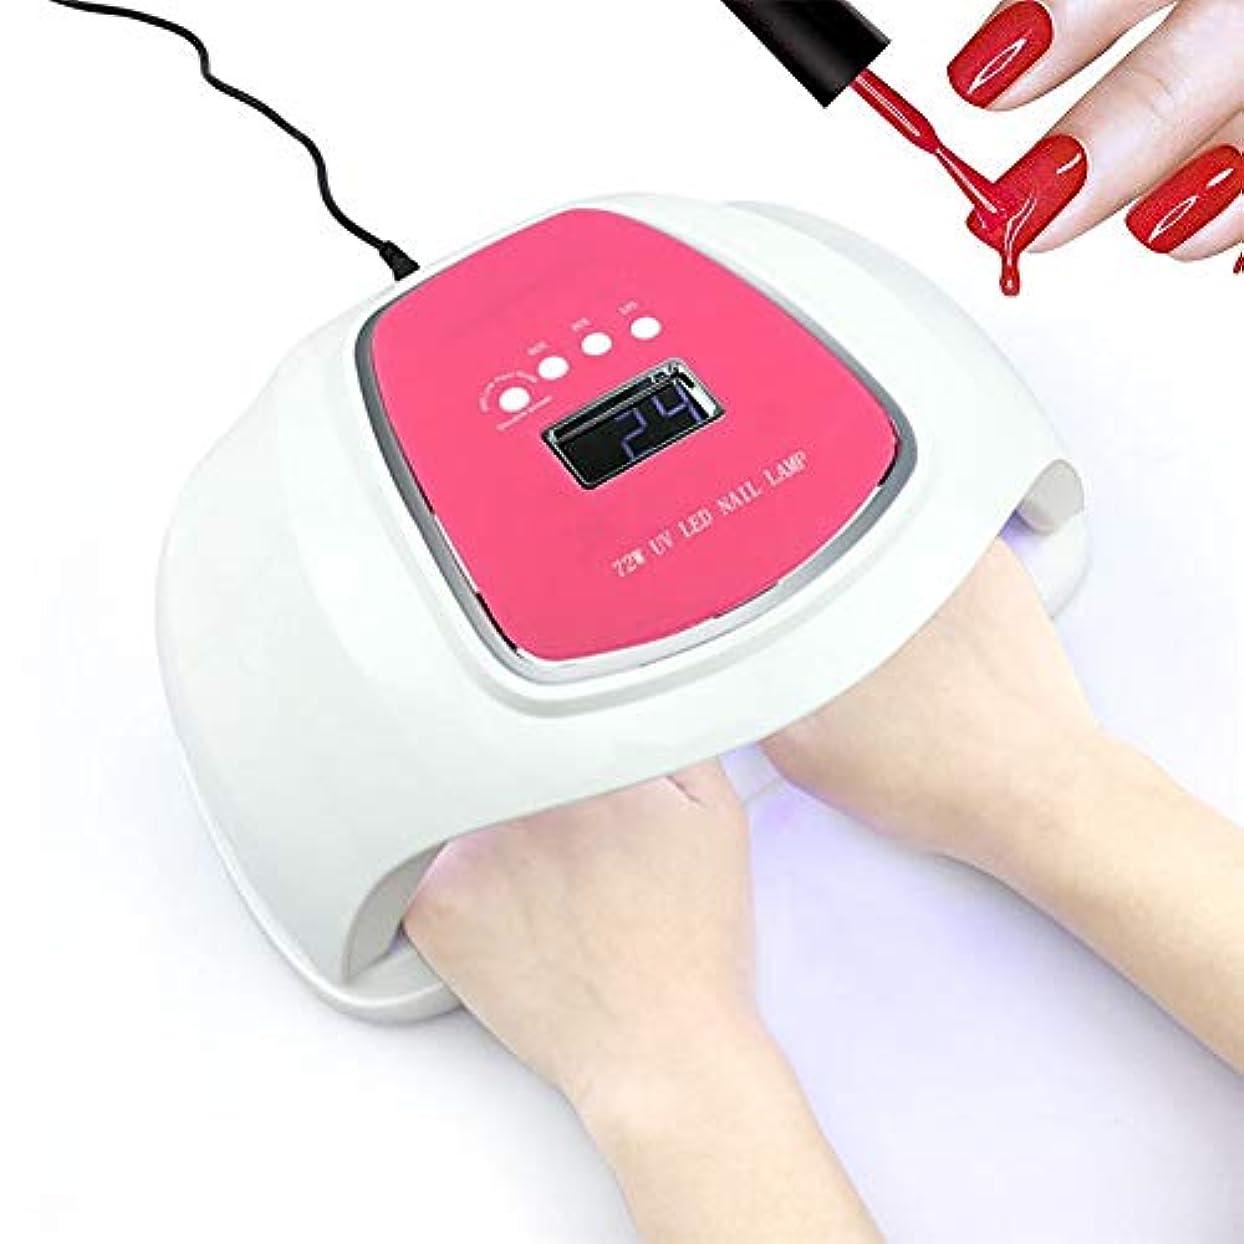 紫外線LEDネイルドライヤー、72W高速LED紫外線ネイルドライライトジェルネイルポリッシュドライヤー、4タイマー設定10/30/60 / 99S、LEDデジタルディスプレイ、スマートオートセンシング